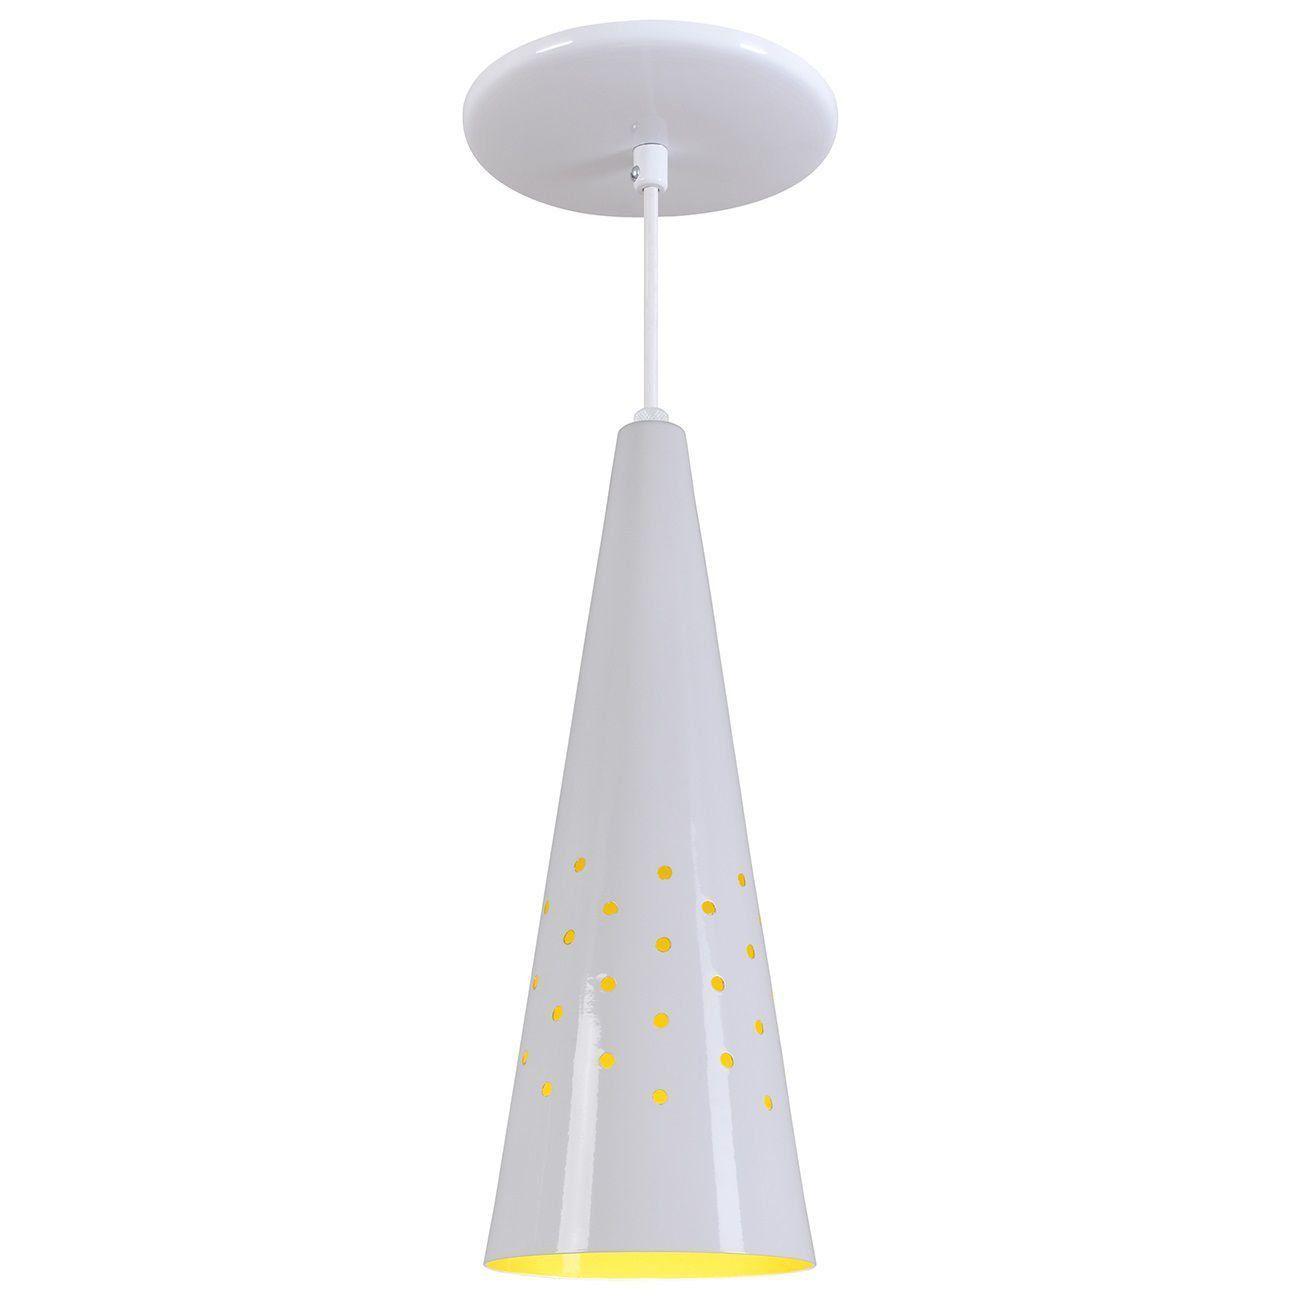 Pendente Cone Furado Luminária Lustre Alumínio Branco Brilhante C/ Amarelo - Rei Da Iluminação